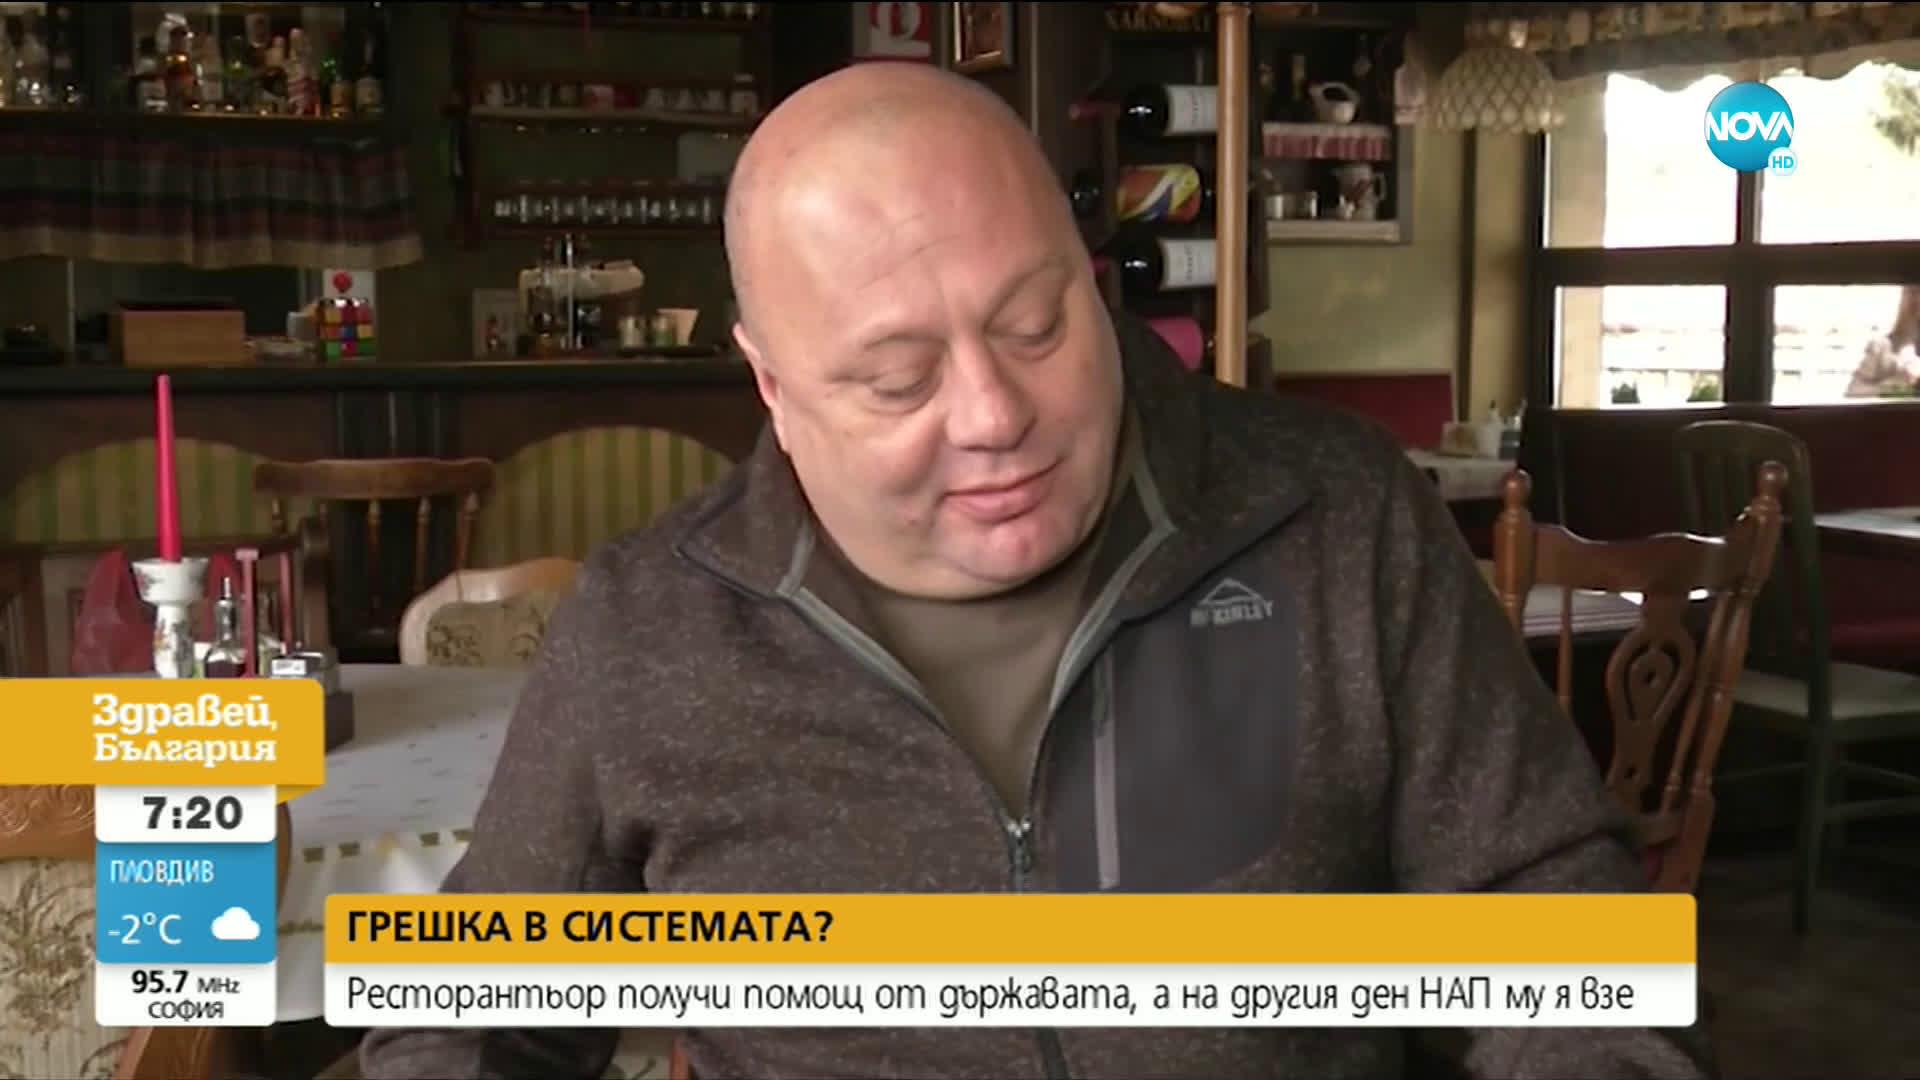 Ресторантьор получи помощ от държавата, след два дни - НАП му я взе